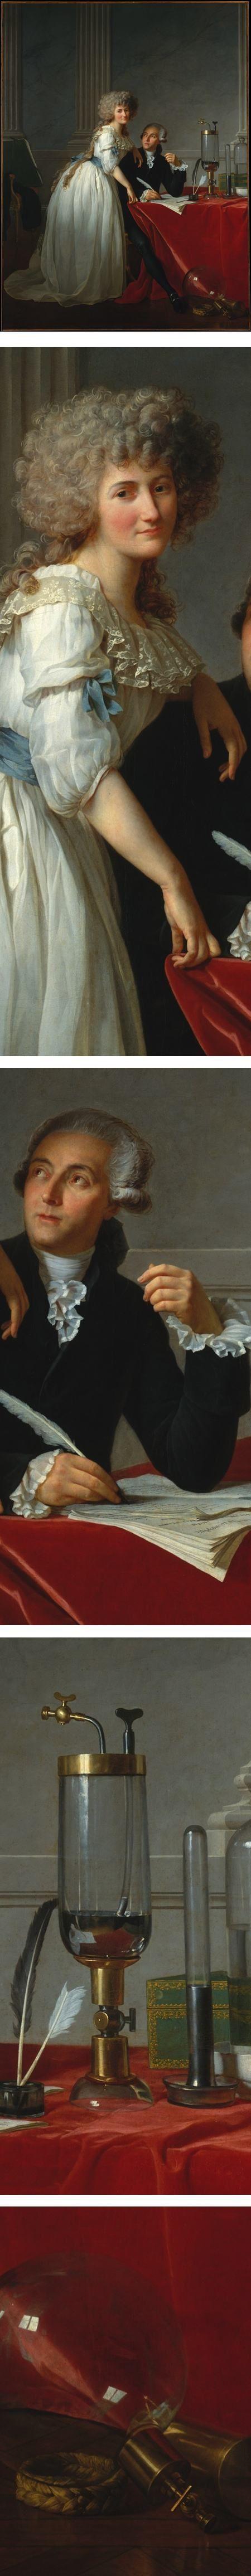 Antoine Lavoisier - Chimiste français. Grâce à la précision de ses expériences et à son esprit de synthèse, Lavoisier mène à bien l'analyse de l'air, de l'eau et du feu, et établit le principe de conservation de la matière. Il identifie et baptise l'oxygène (1778) et participe à la réforme de la nomenclature chimique. Lavoisier est souvent considéré comme le père de la chimie moderne.